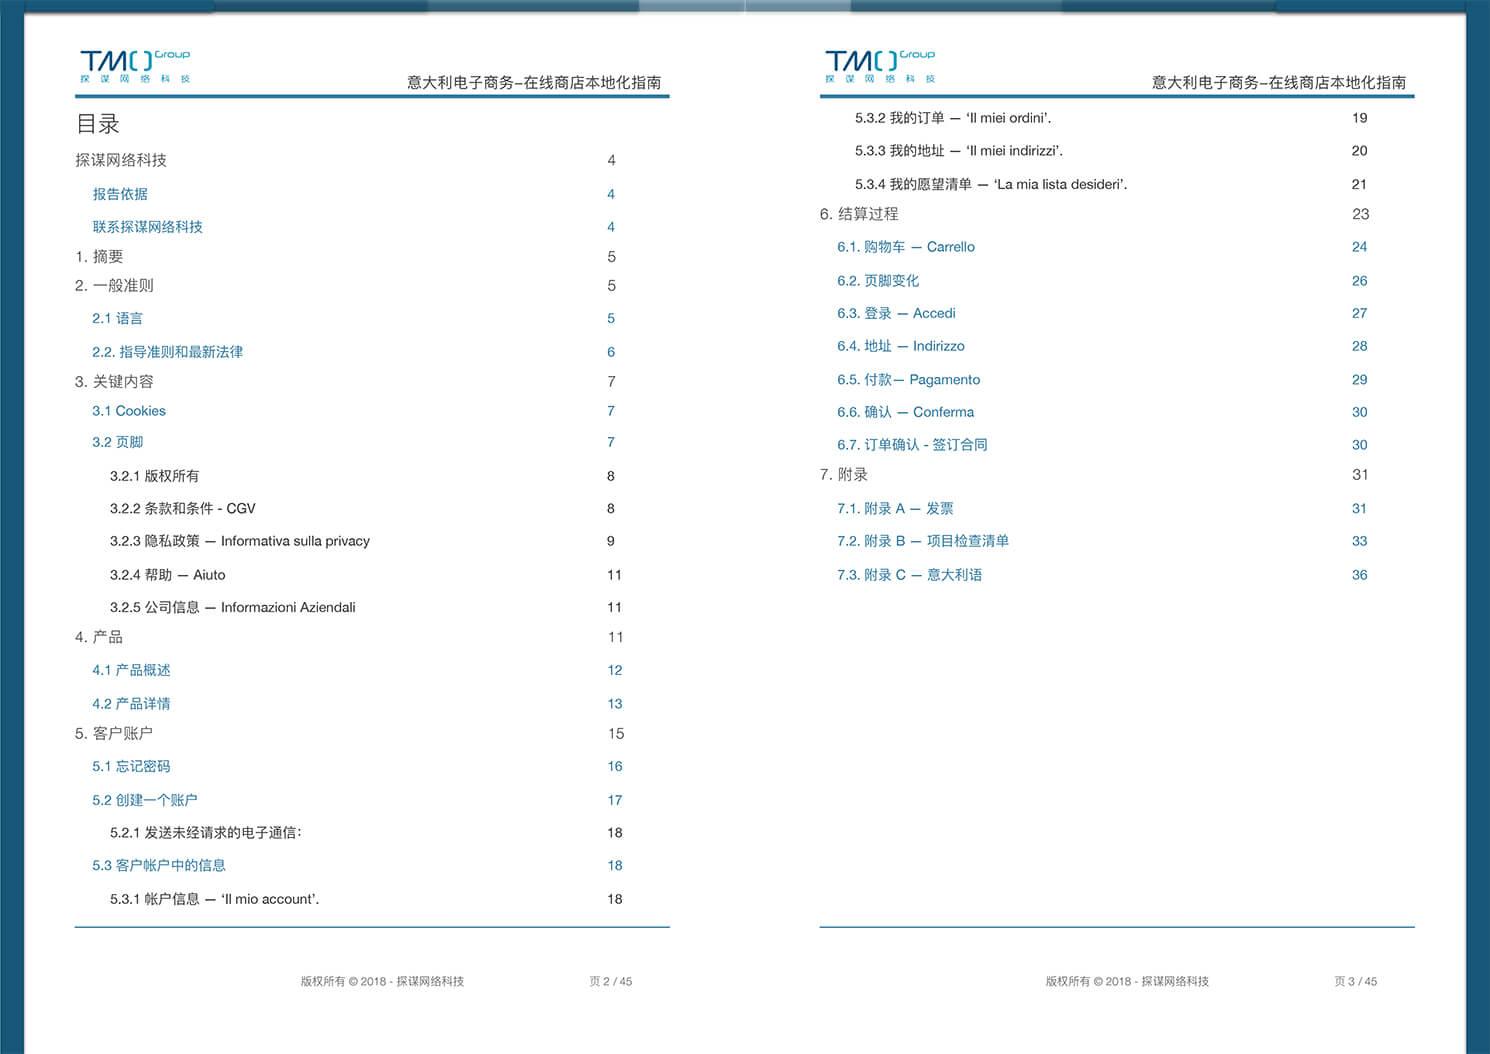 意大利电子商务在线商店本地化指南1